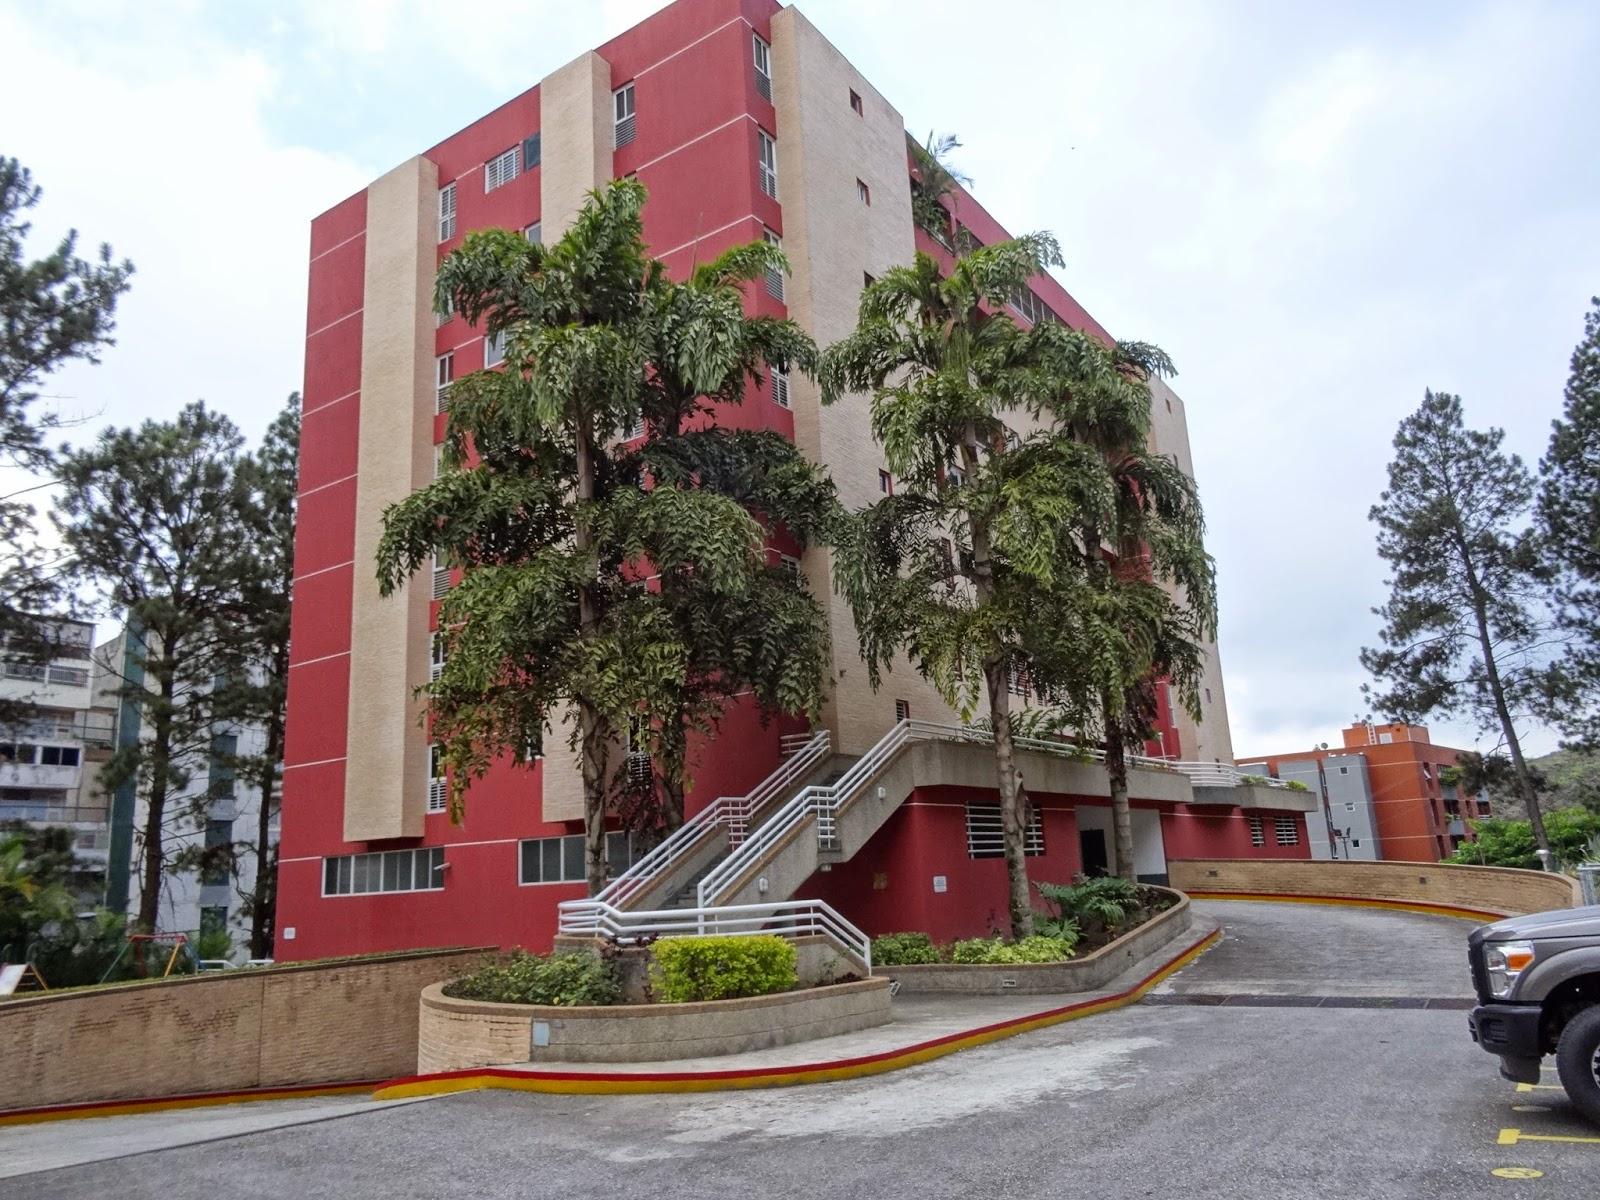 BELLO APARTAMENTO, SAN ANTONIO DE LOS ALTOS